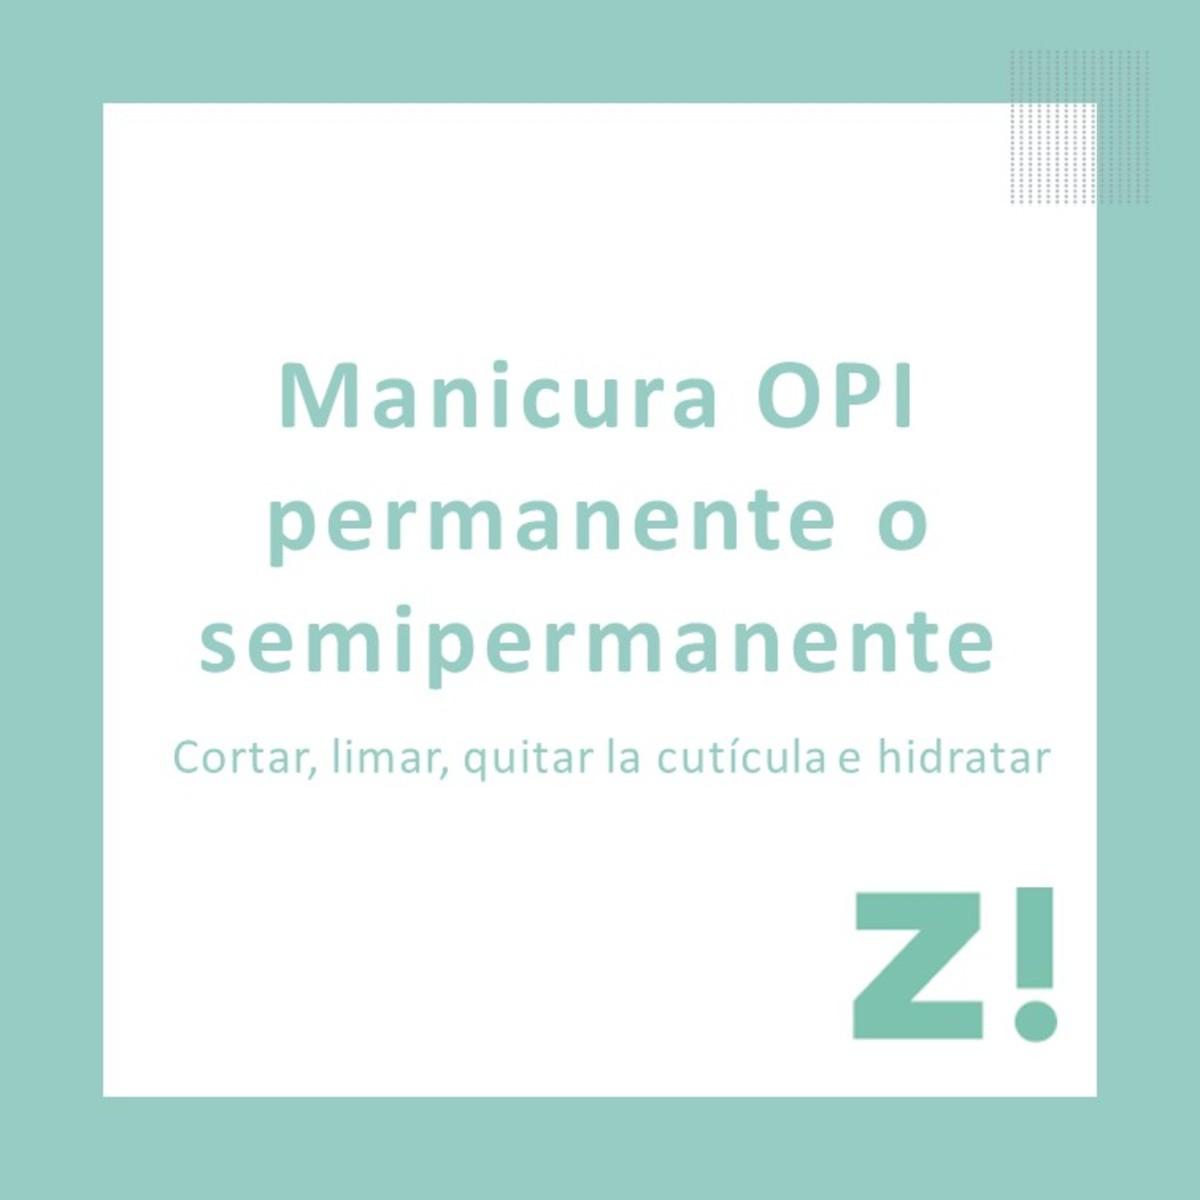 Manicura OPI Permanente o Semipermanente